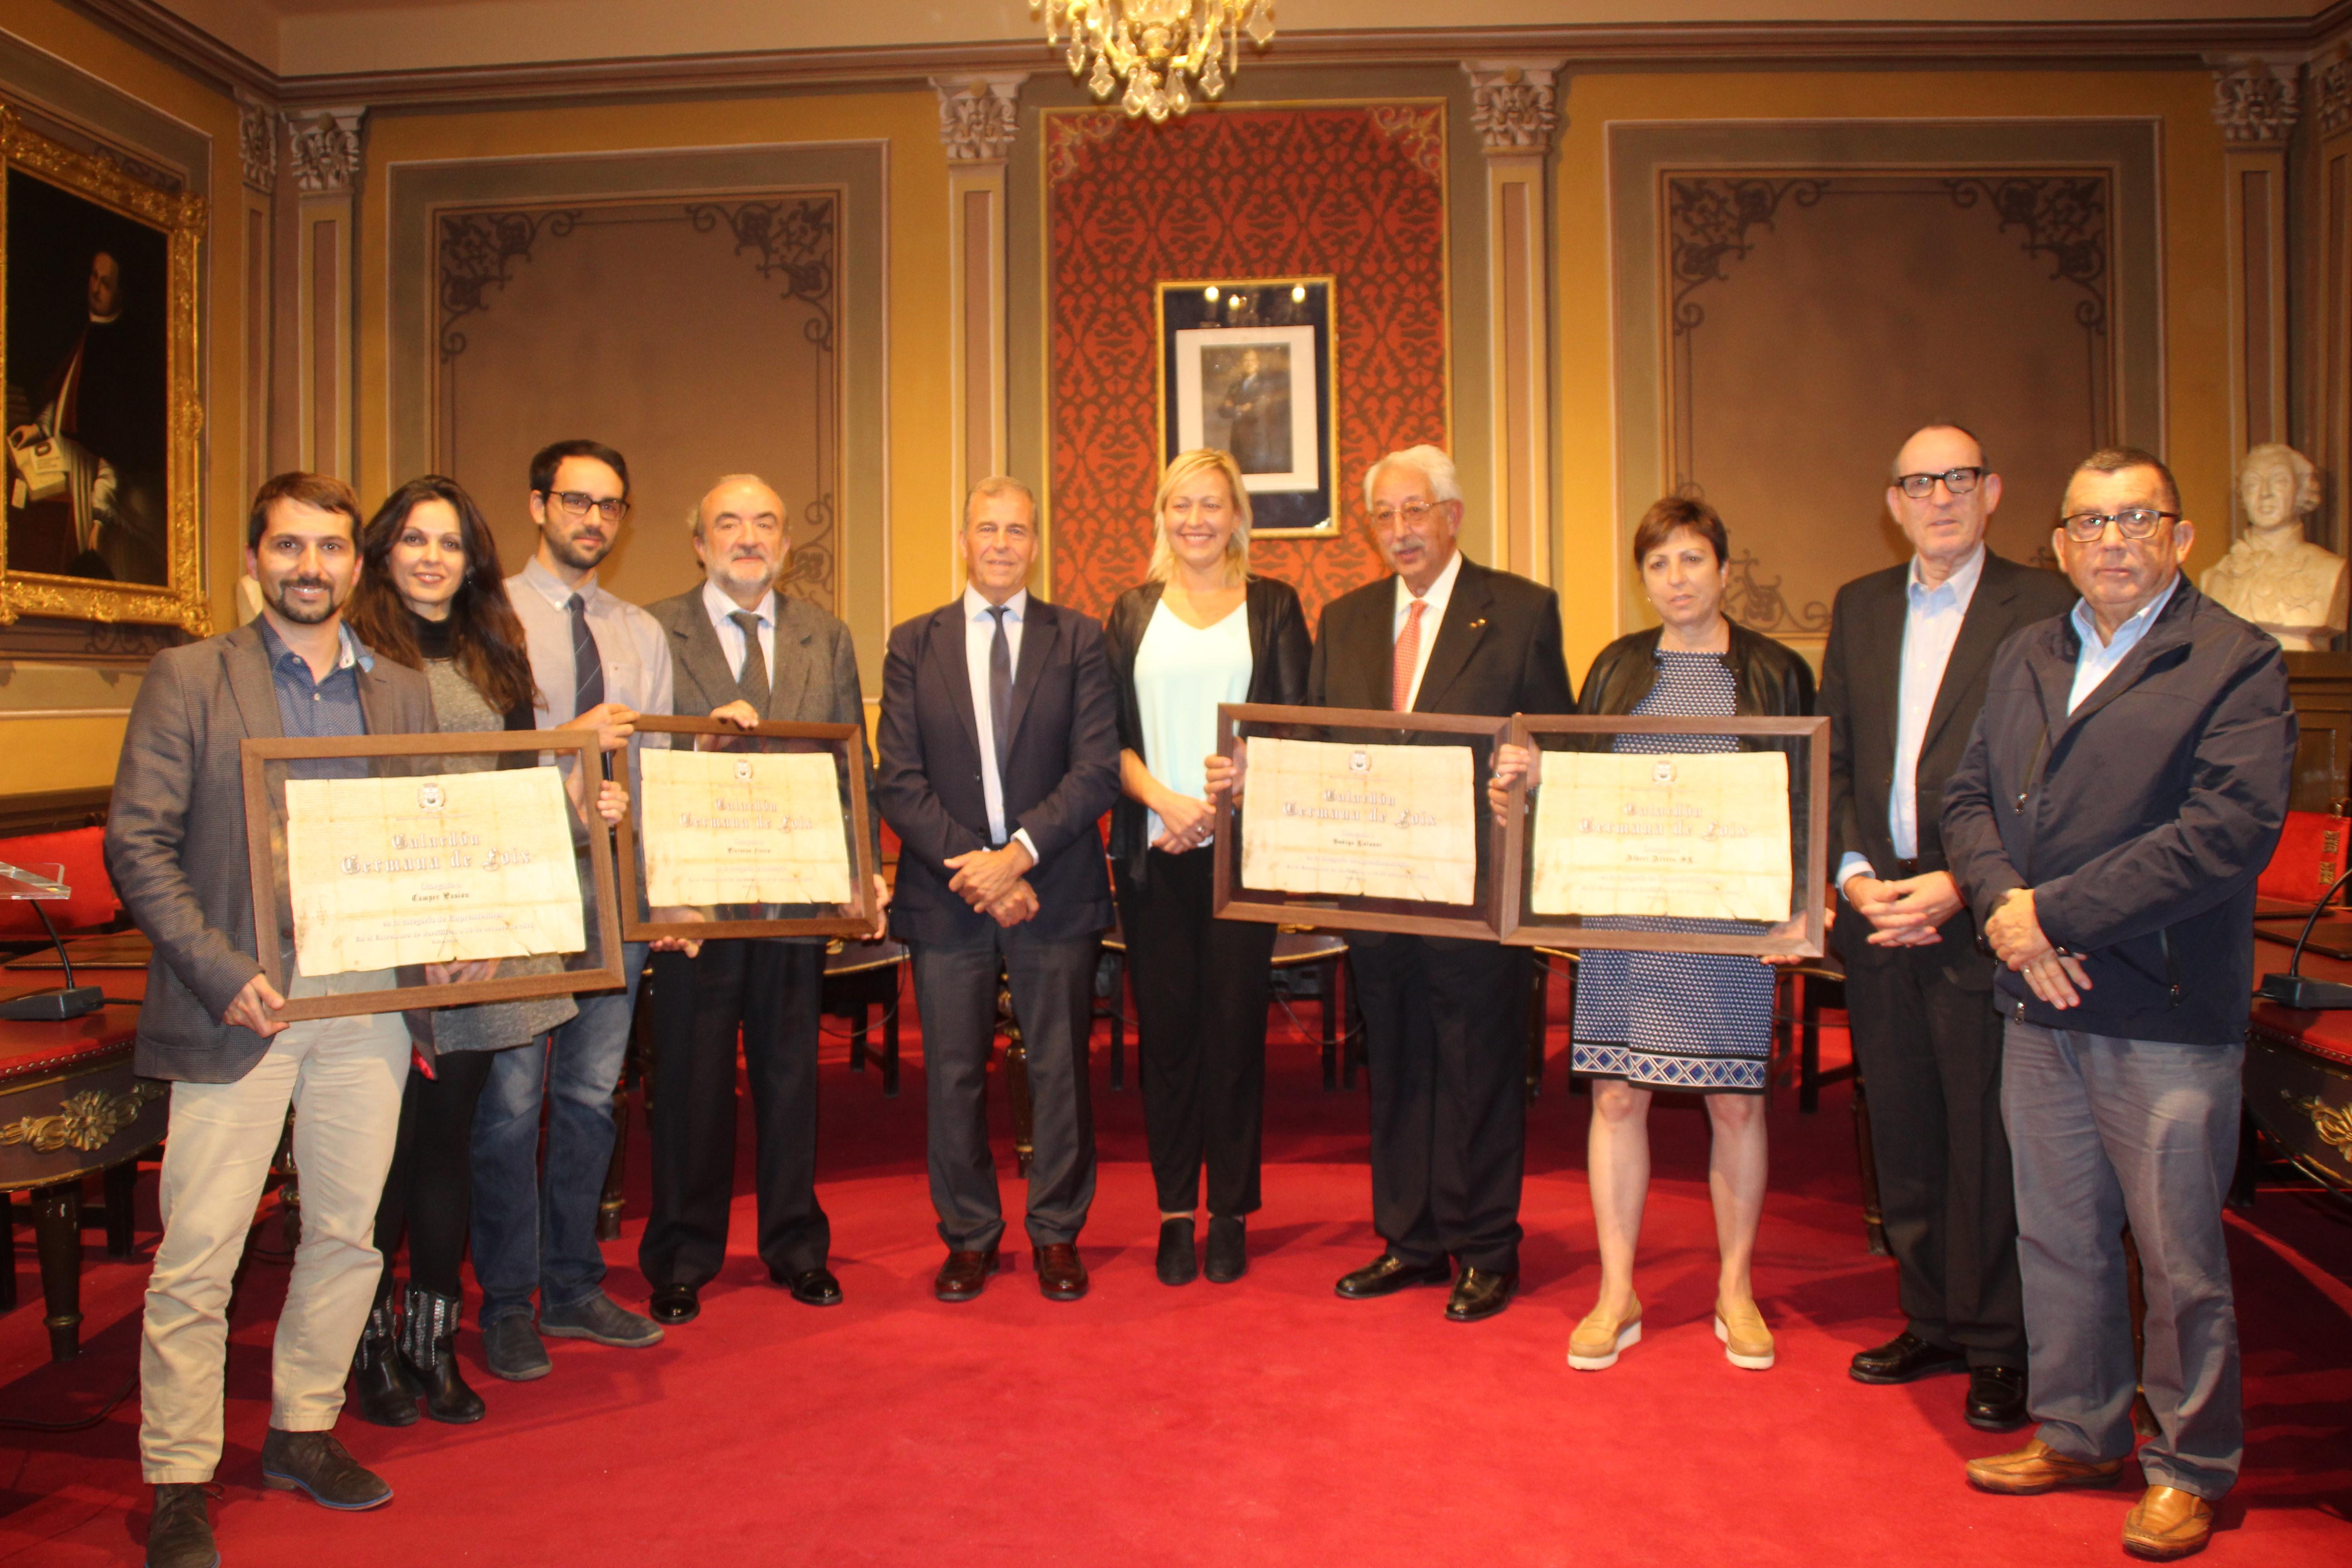 Caluroso reconocimiento a tres empresas centenarias y una nueva apuesta en los Germana de Foix